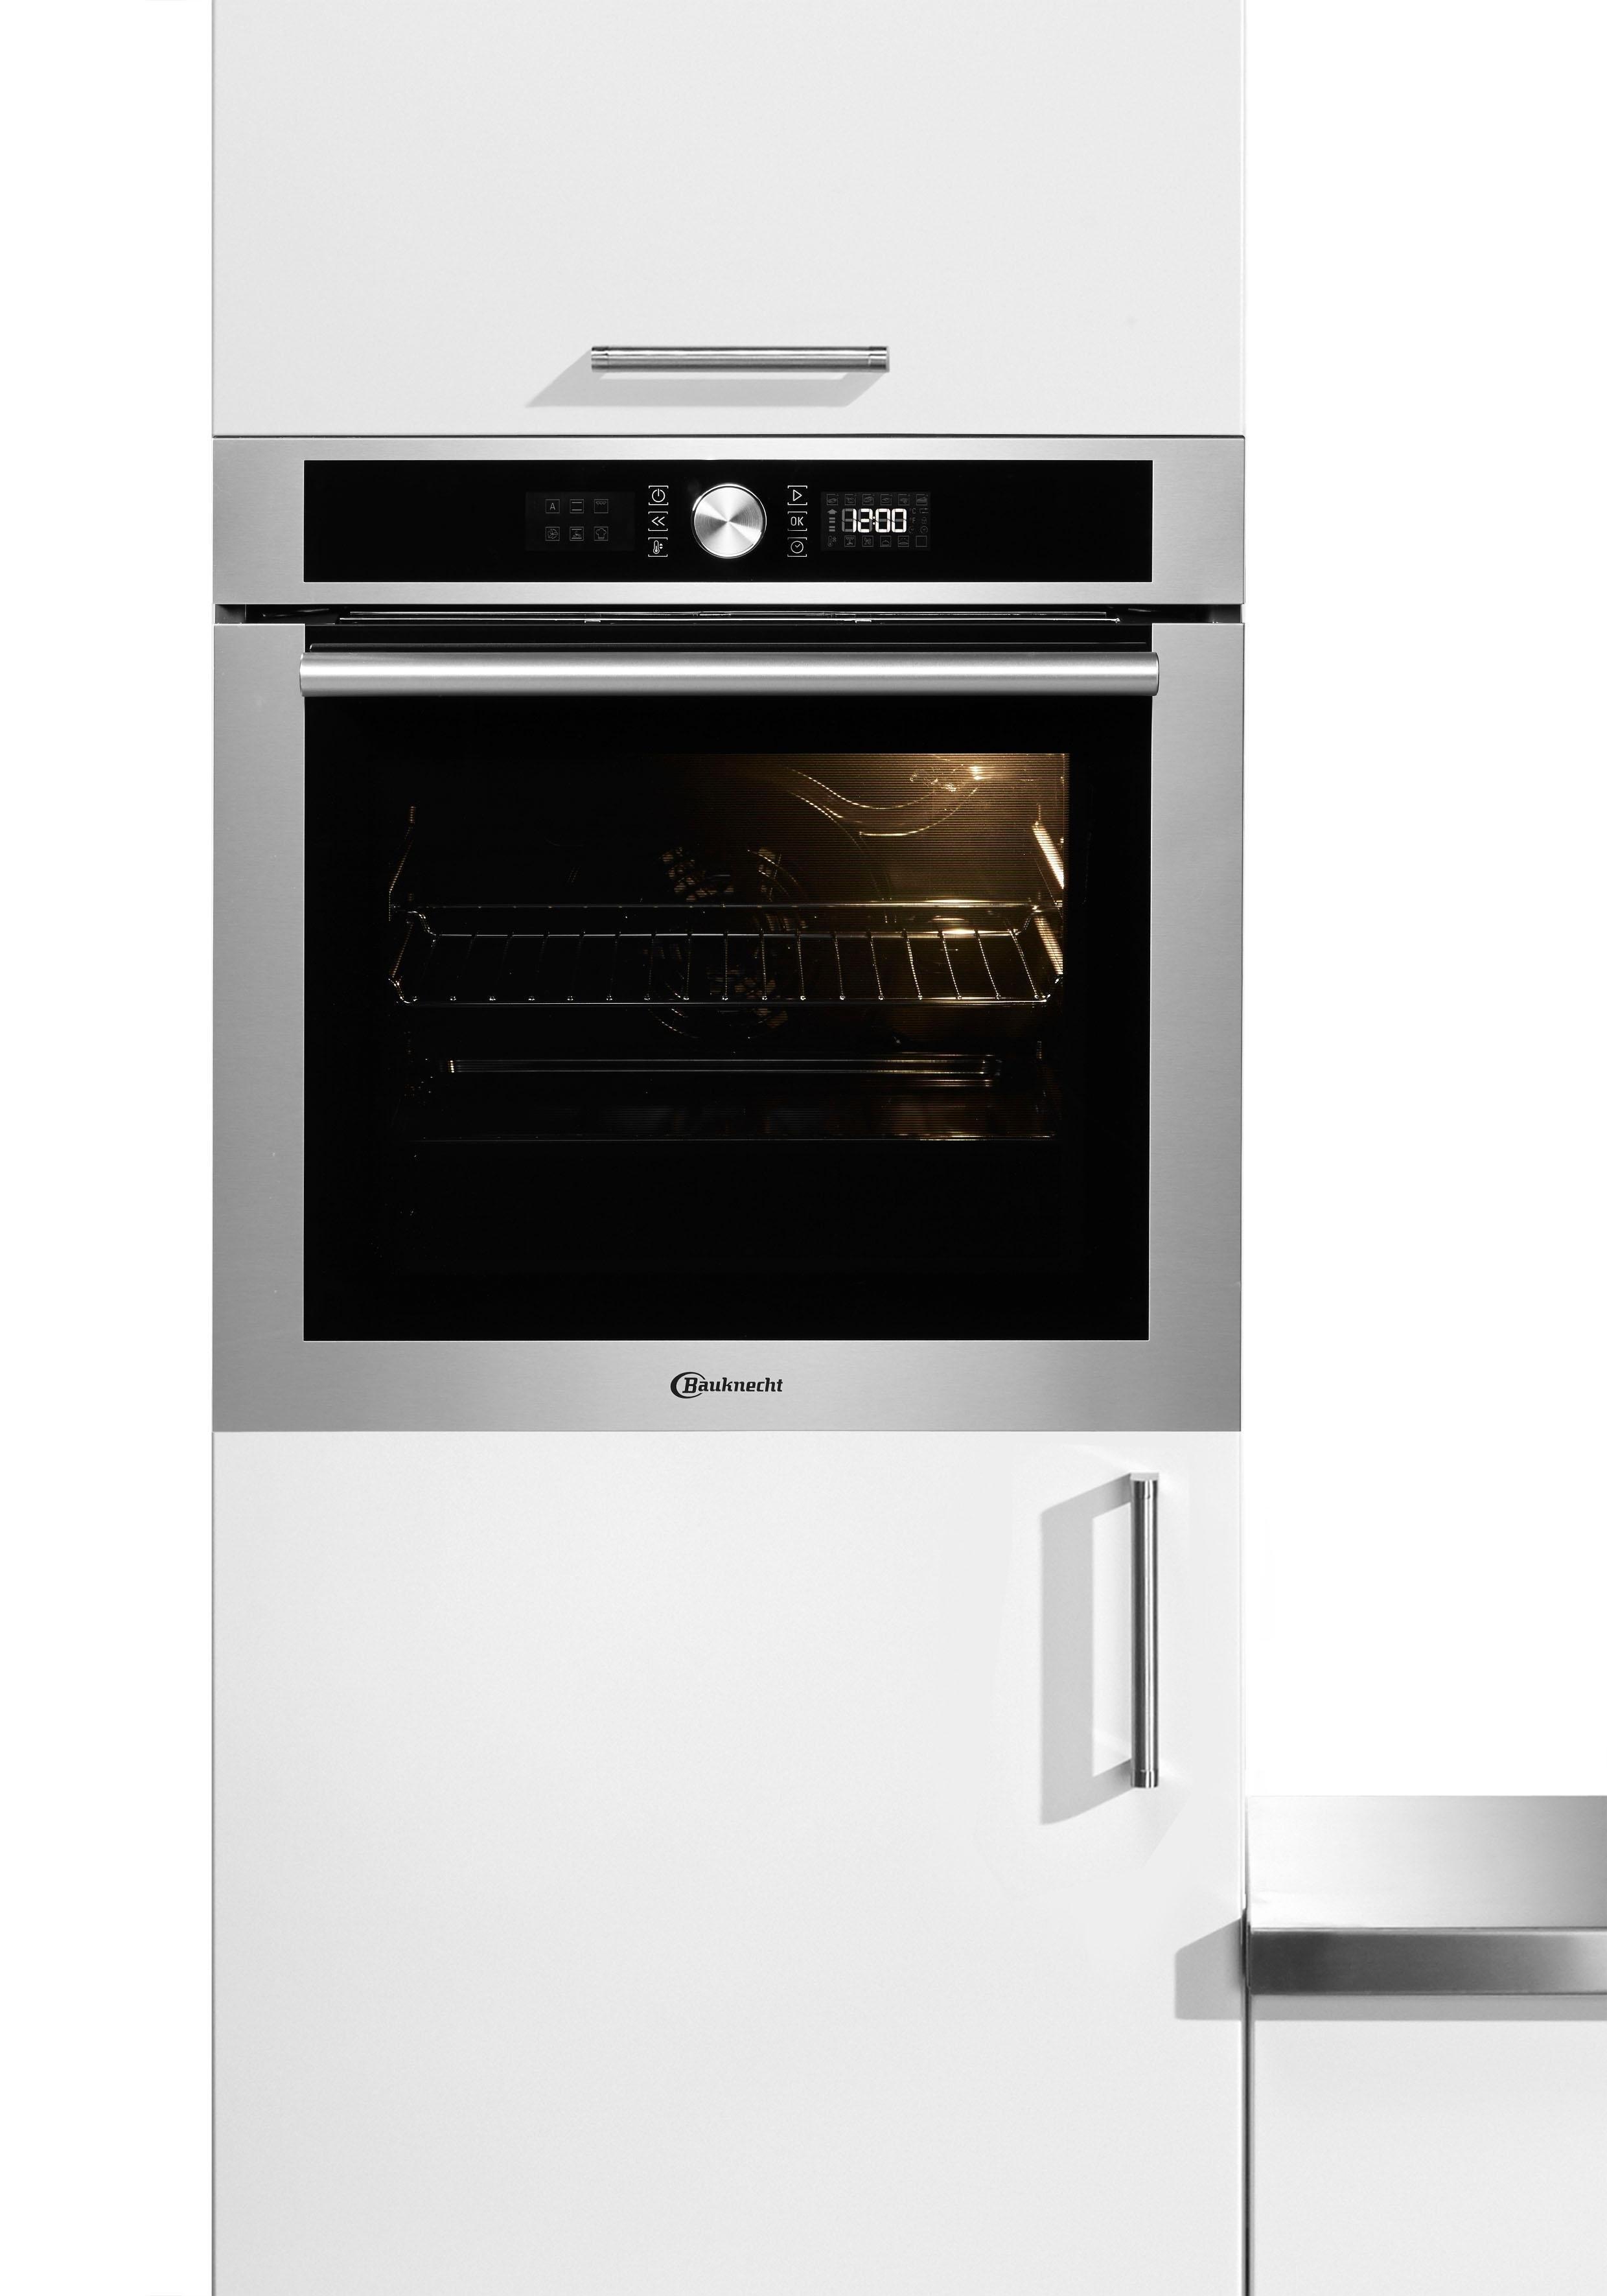 Bauknecht oven met pyrolyse-zelfreiniging 'BIR4 DP8FS3 PT' online kopen op otto.nl